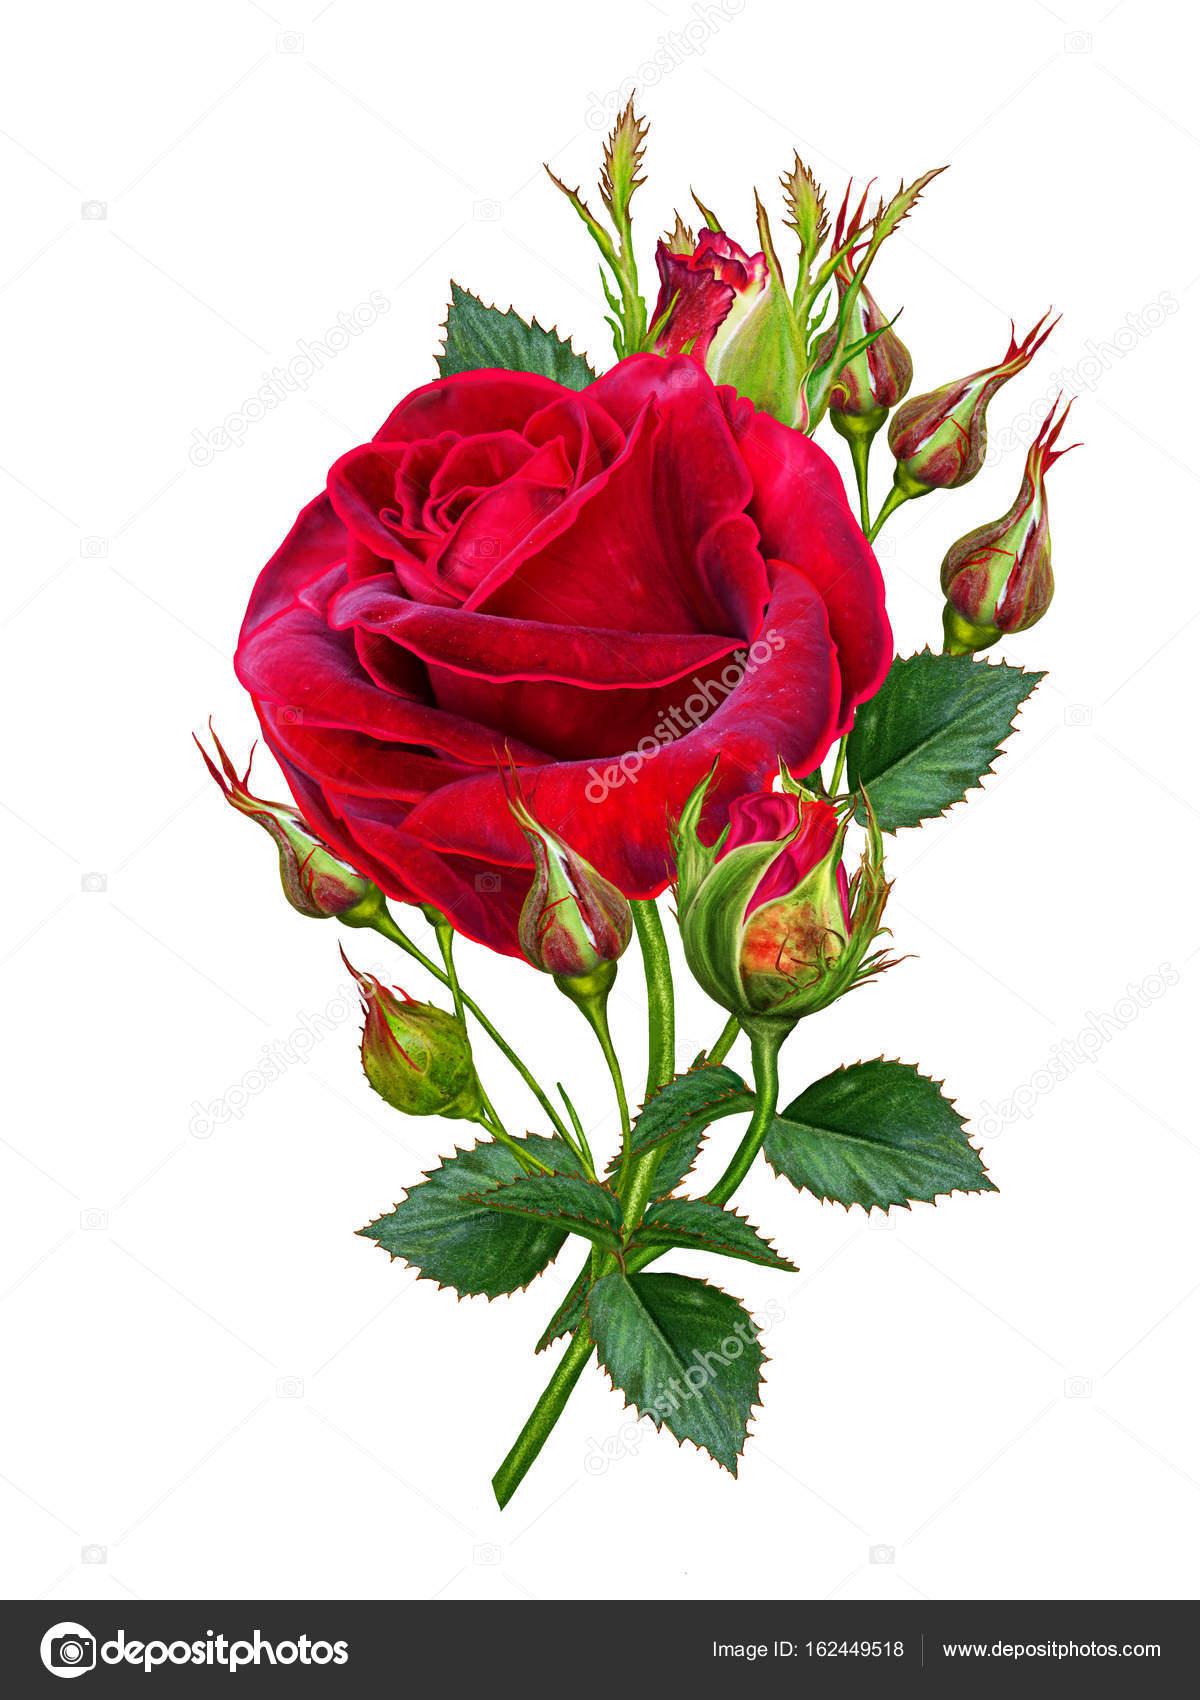 Unas Rosas Rojas Bonitas Composición De La Flor Un Capullo De Una